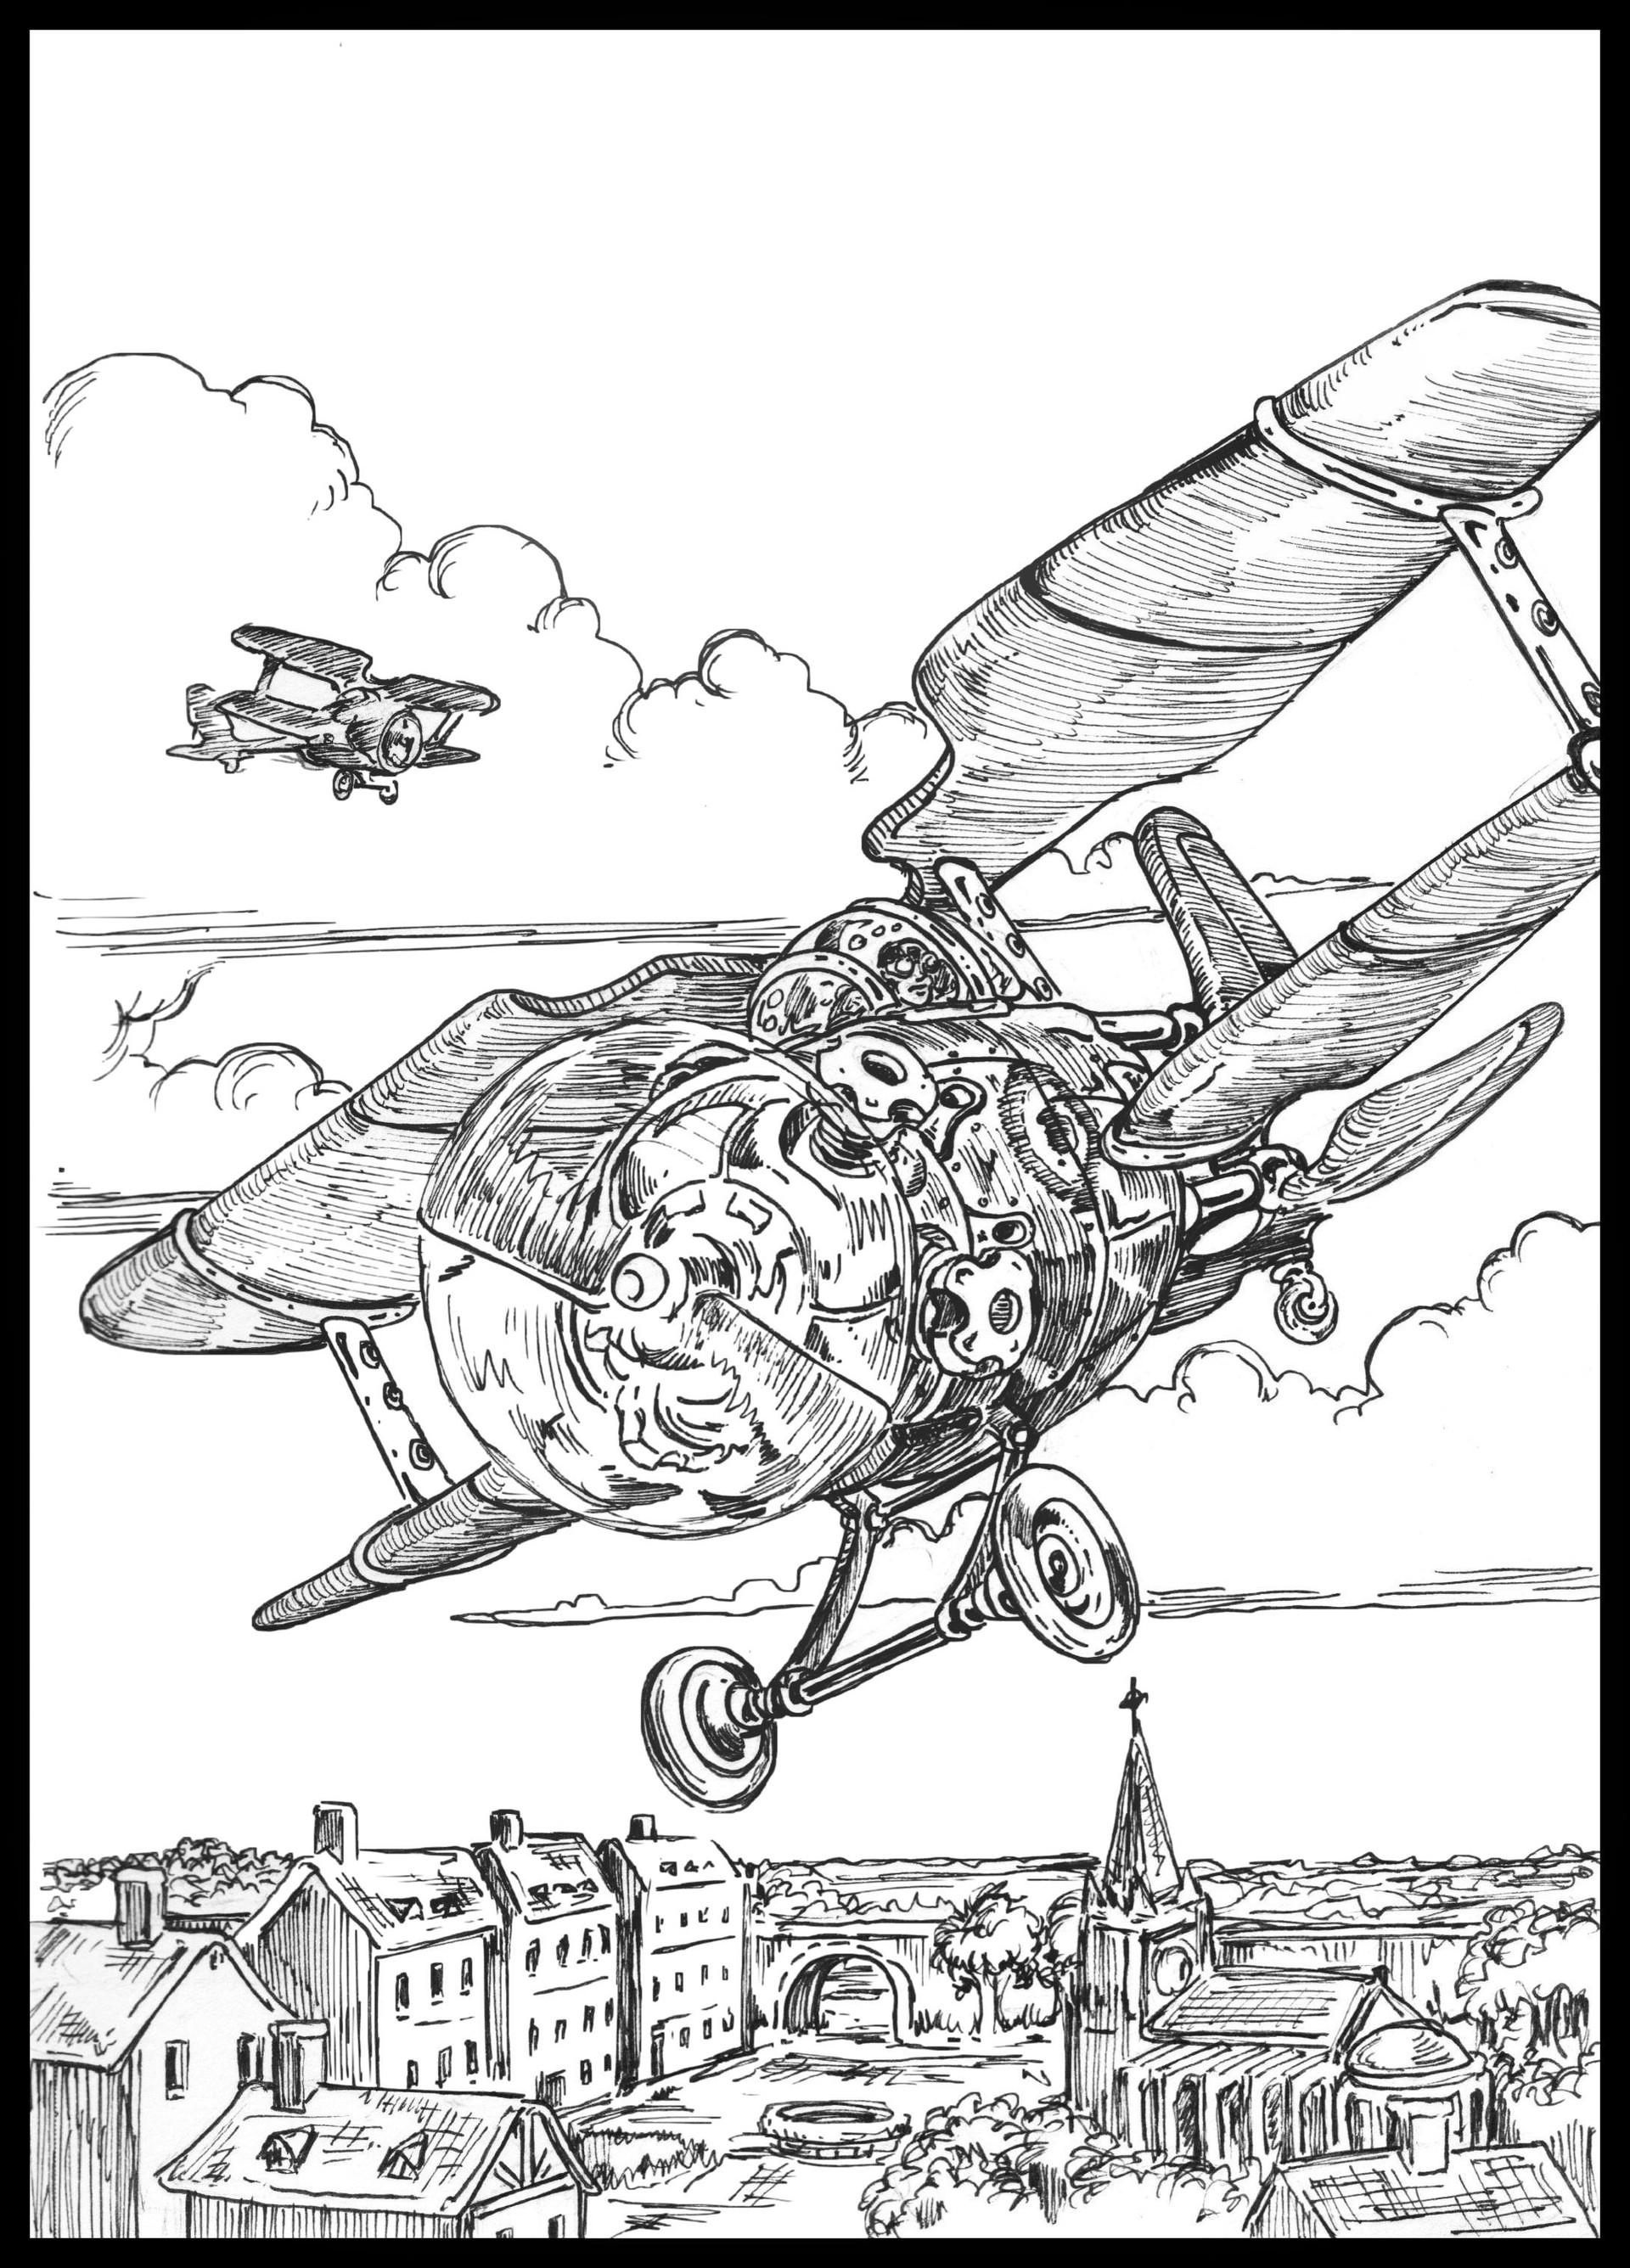 Vincent bryant air patrol